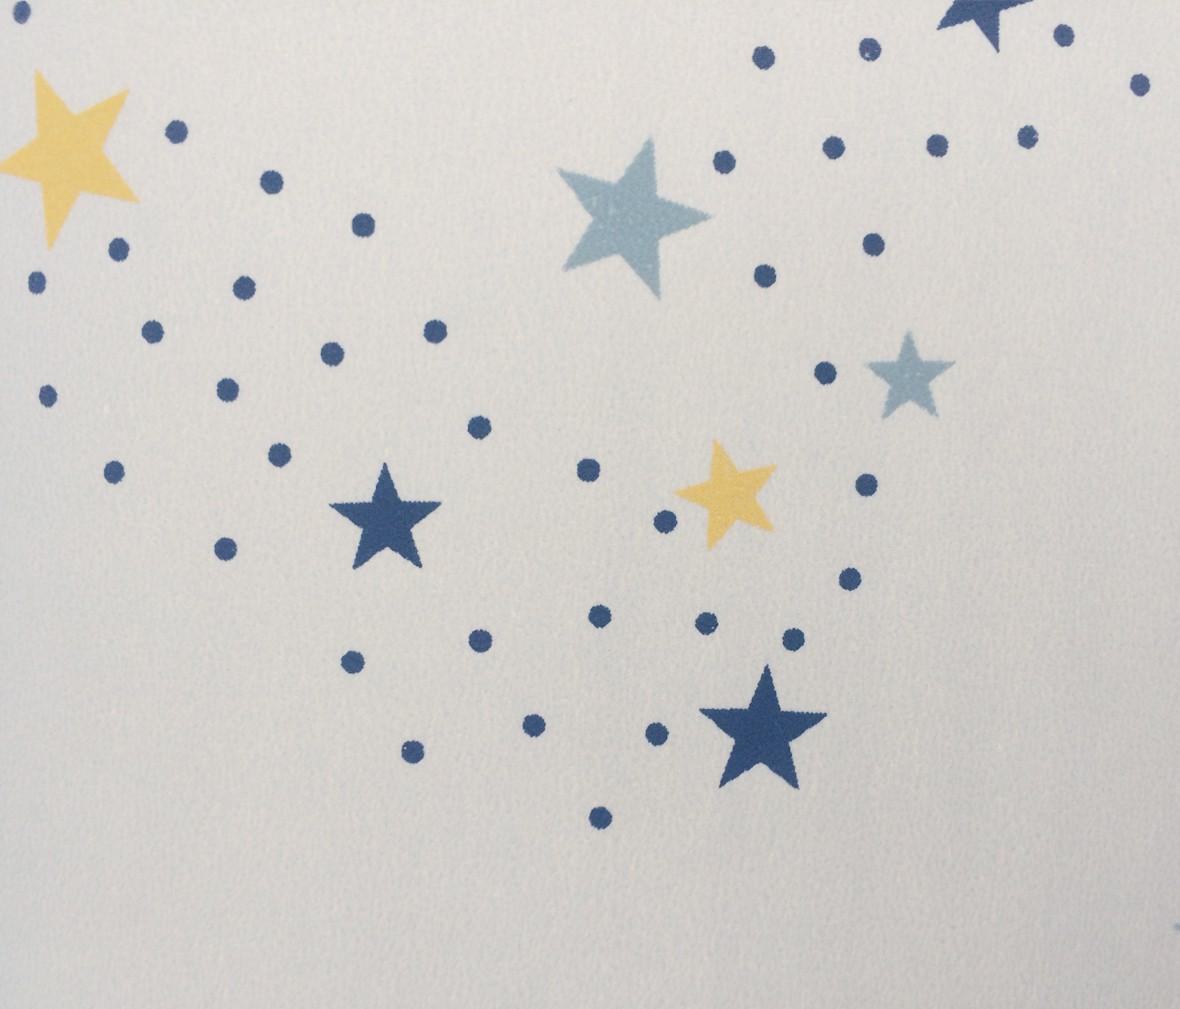 山花地毯 hoopla系列gr4-8113型号纯纸壁纸 健康环保